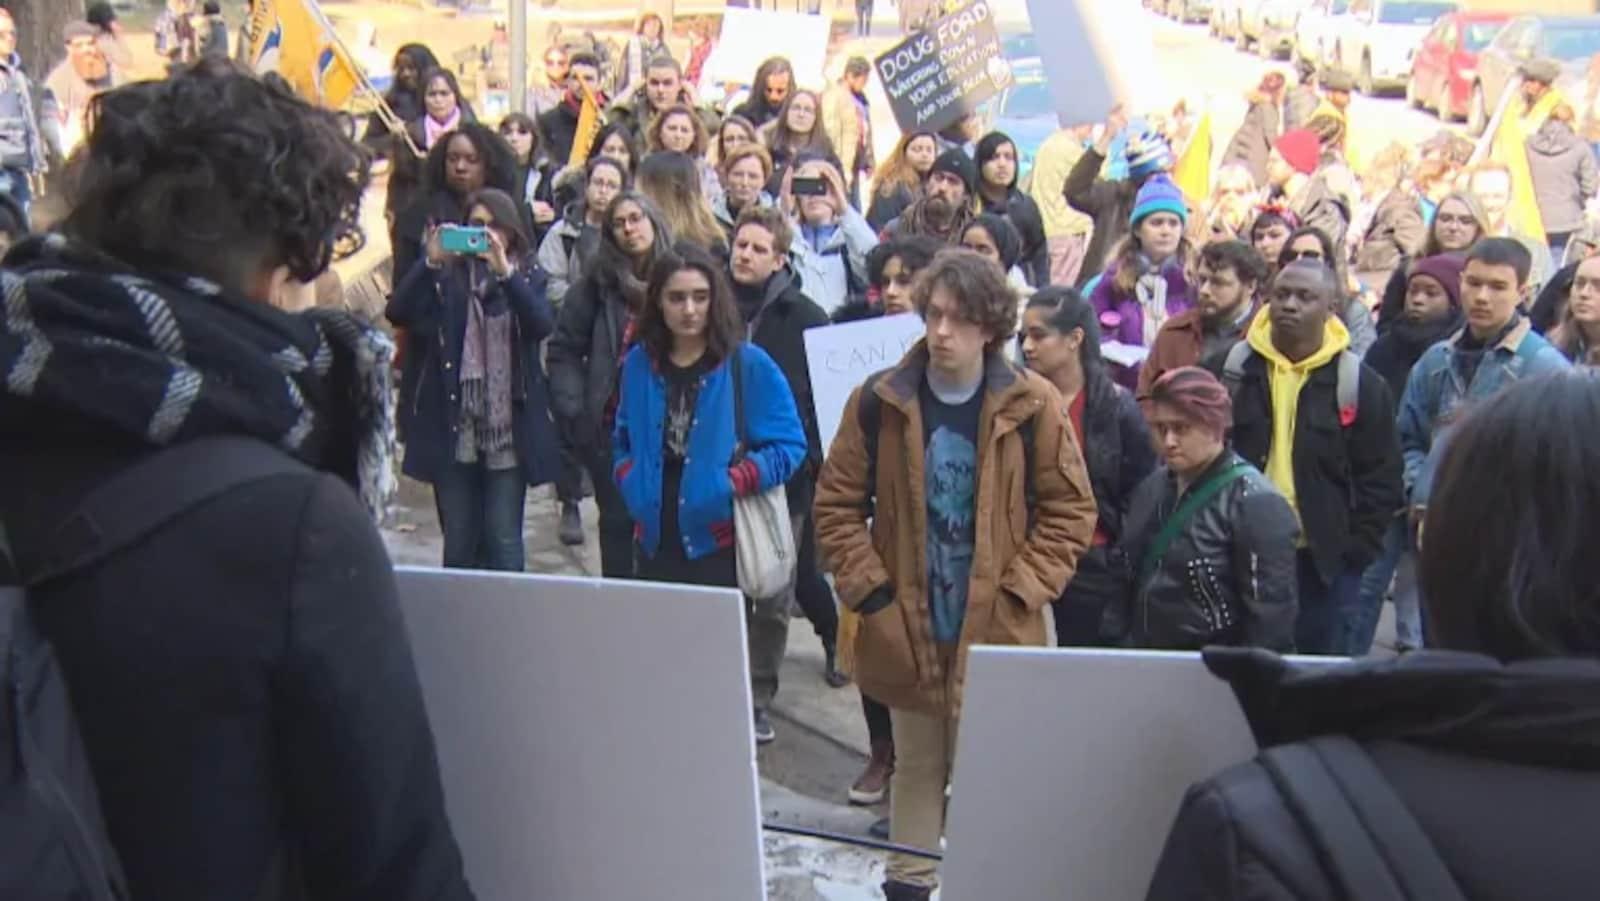 Des dizaines d'étudiants sont rassemblés et tiennent des pancartes dénonçant la politique de Doug Ford.